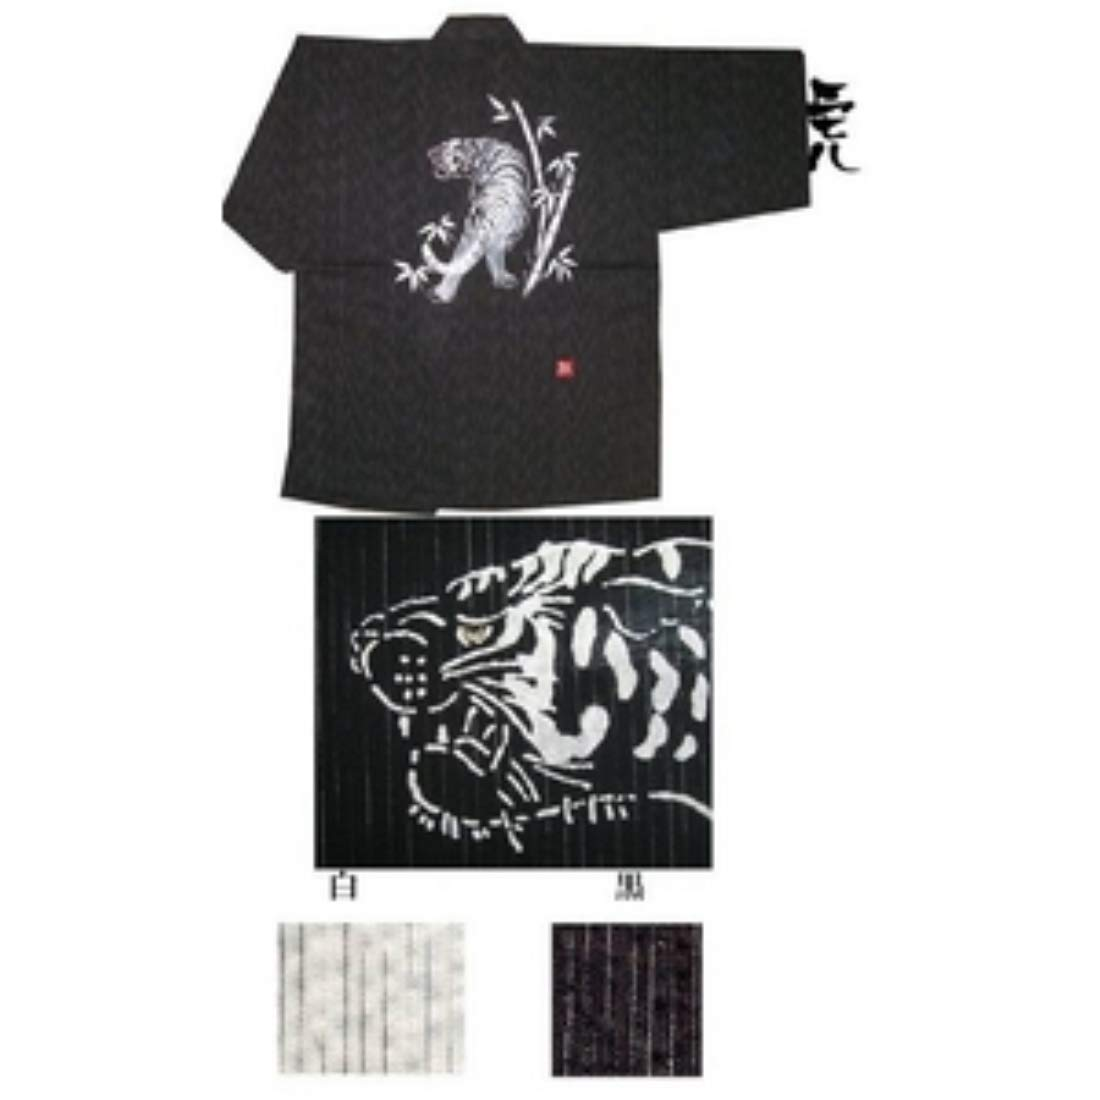 日用品 和装 関連商品 京都手描き絵甚平 上下セット 虎/黒 M B076Z6HM6B